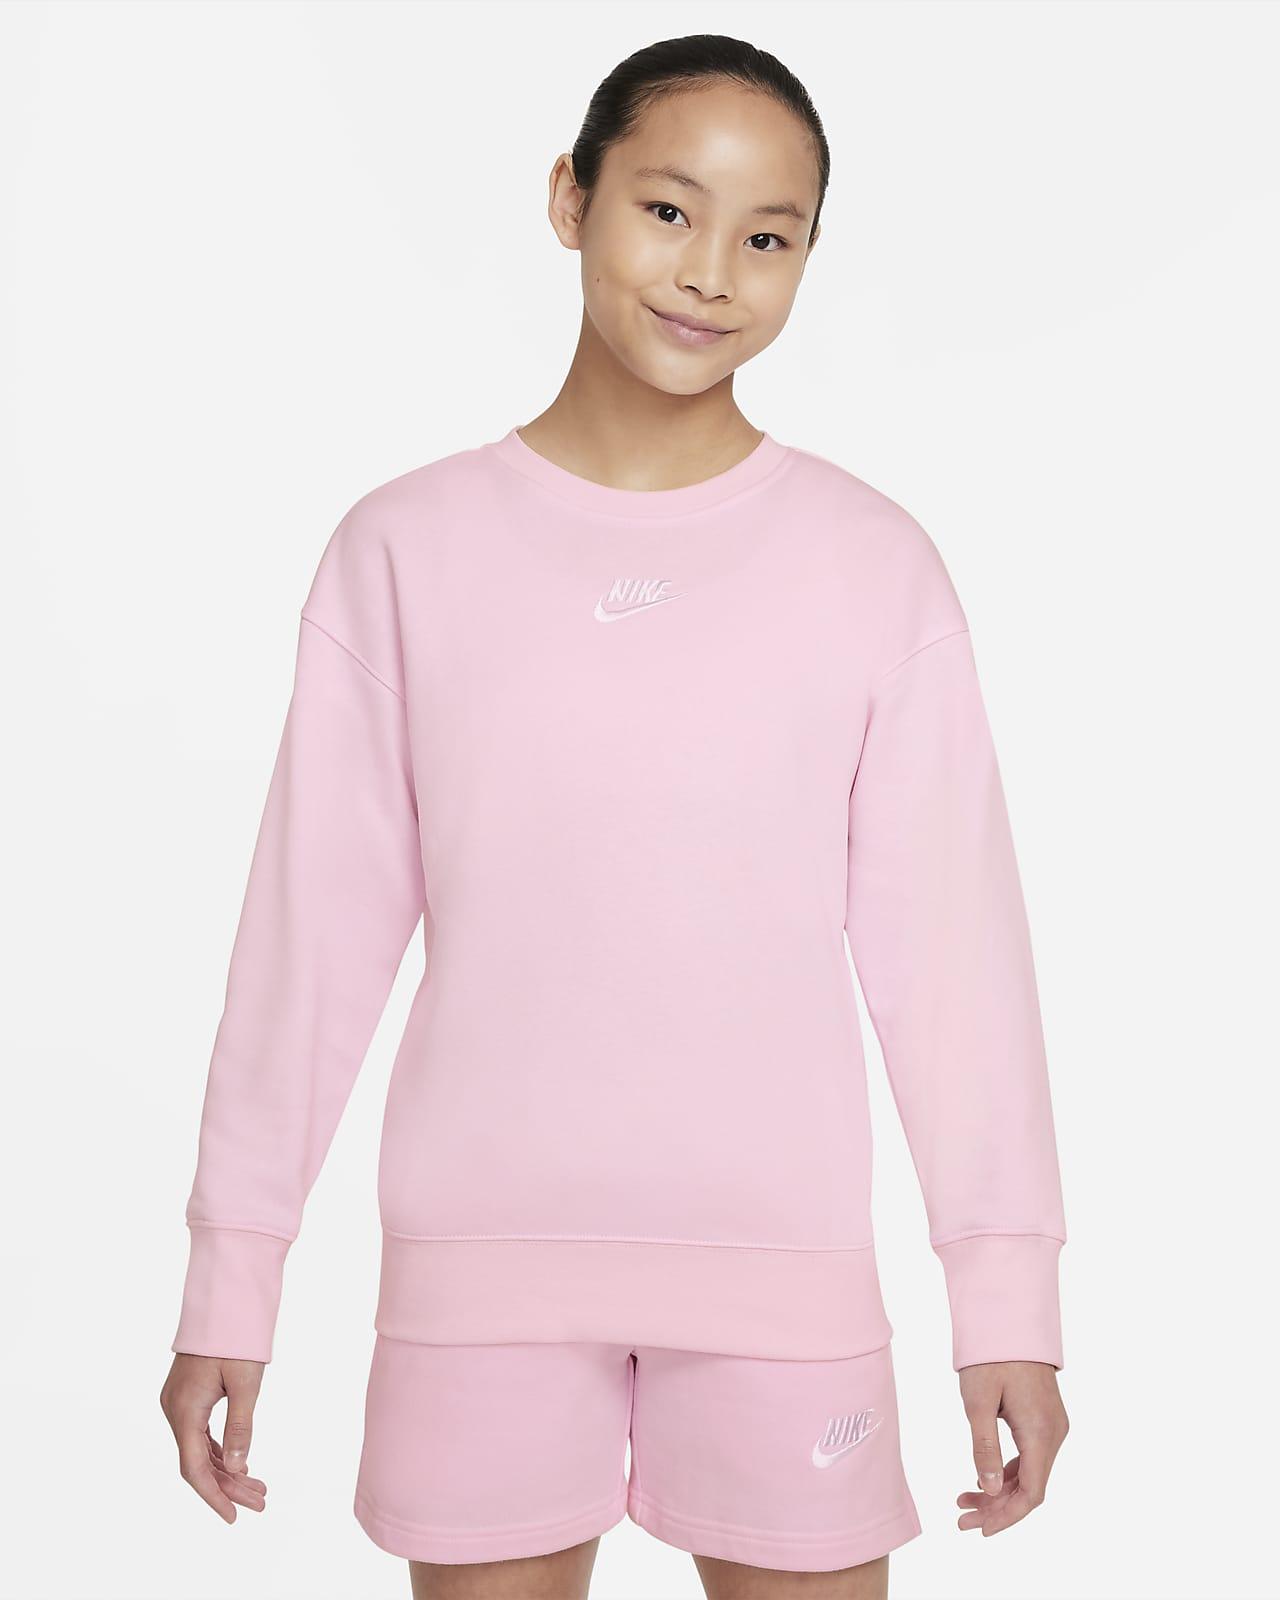 Mikina Nike Sportswear Club Fleece skulatým výstřihem pro větší děti (dívky)